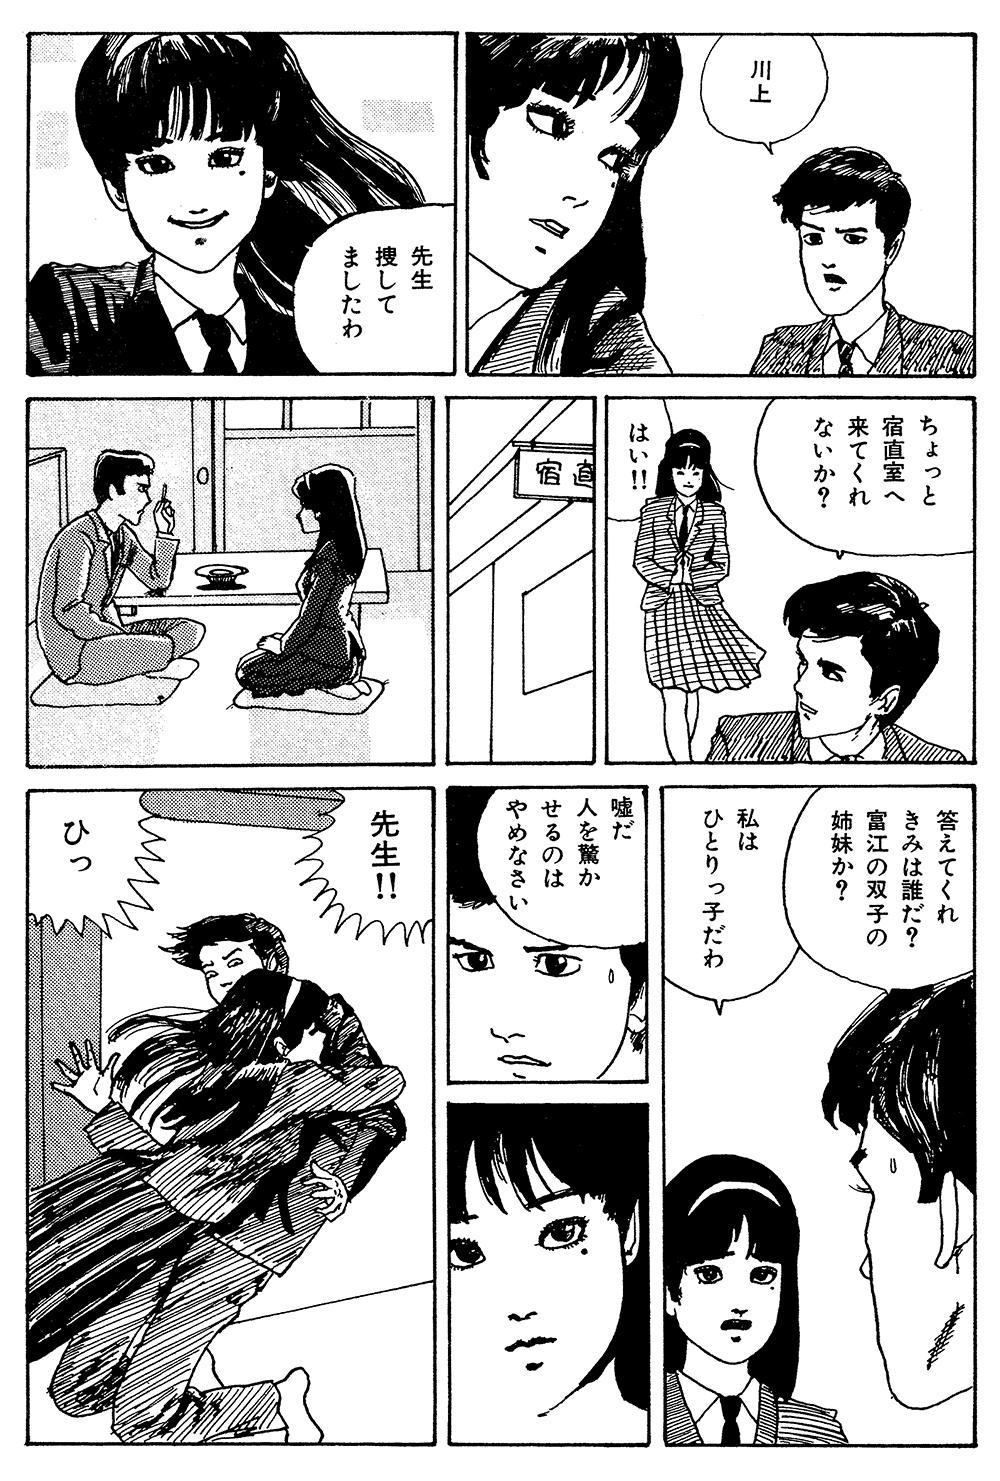 伊藤潤二傑作集 第1話「富江」①tomie1-1-7.jpg